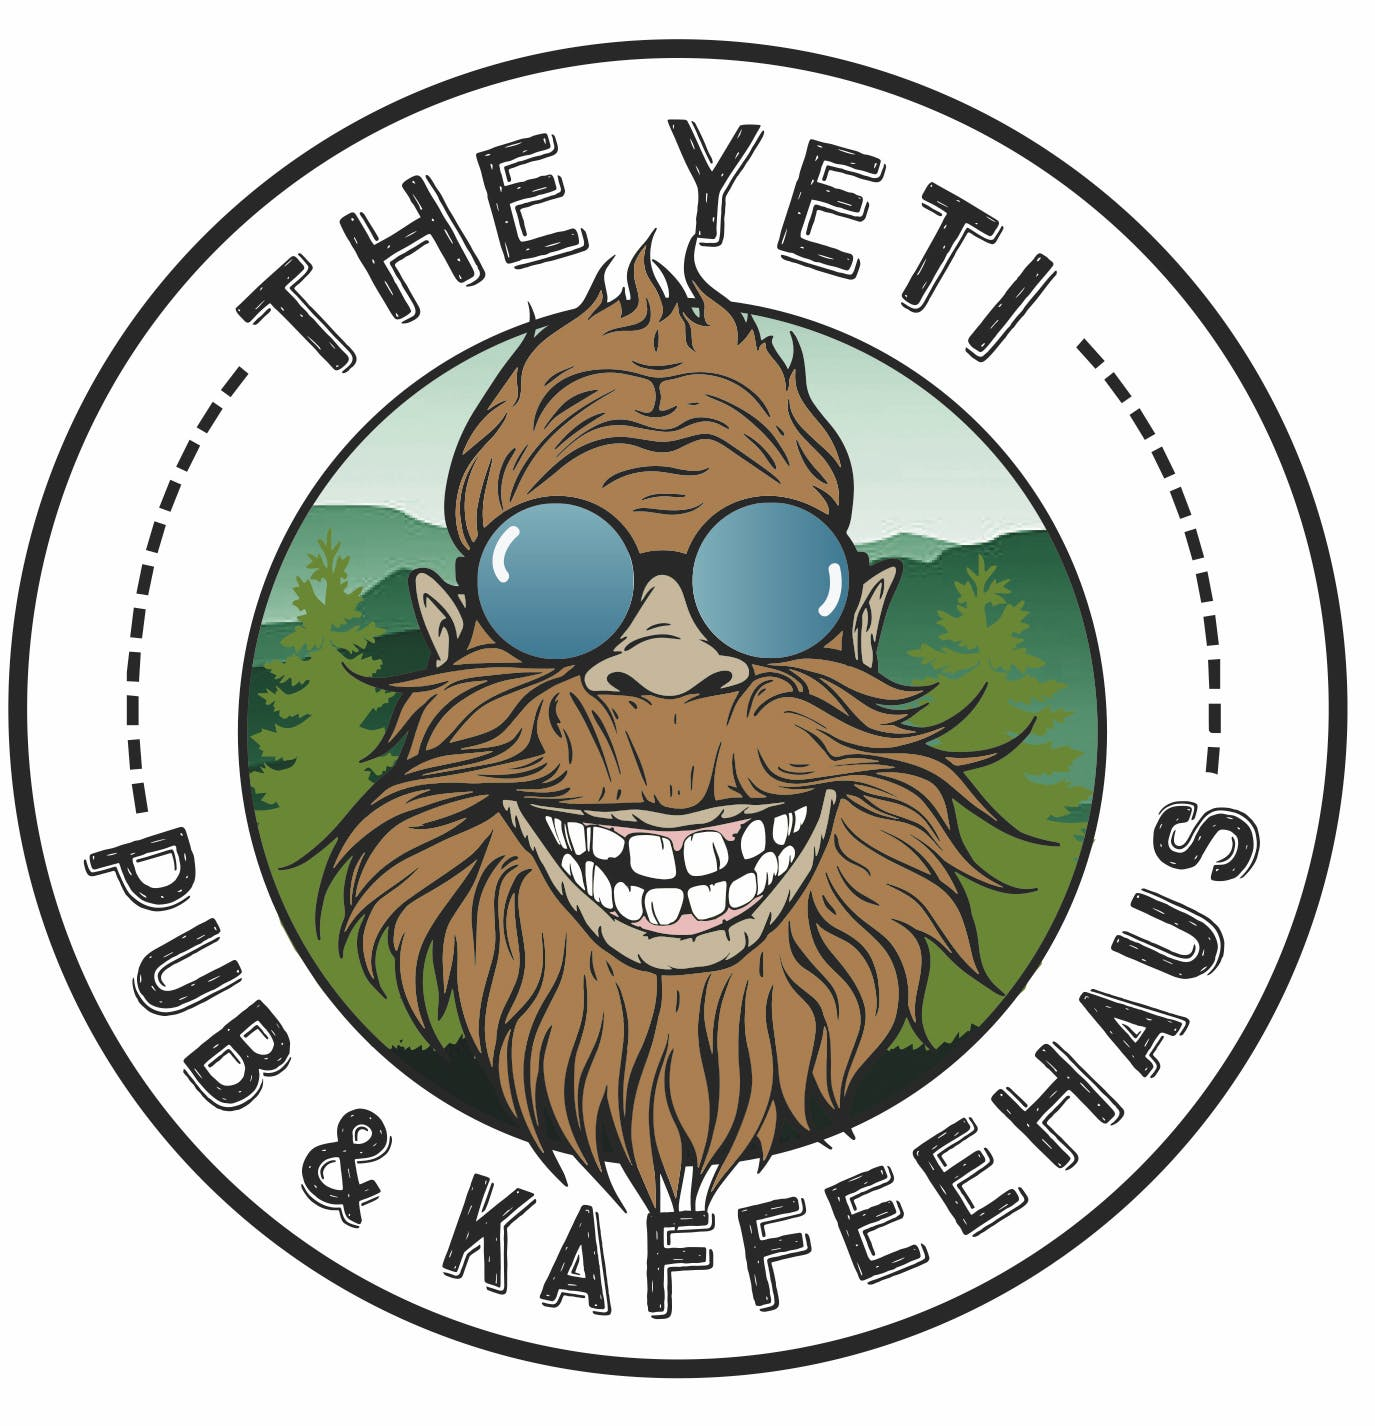 Beer Menu The Yeti Pub Kaffeehaus